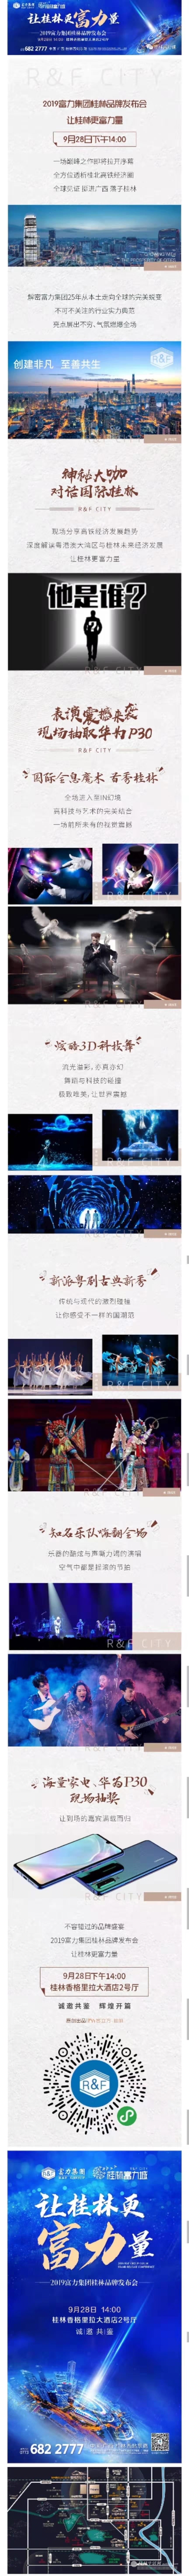 9月28日全城聚焦丨2019富力集团桂林品牌发布会酷炫盛启